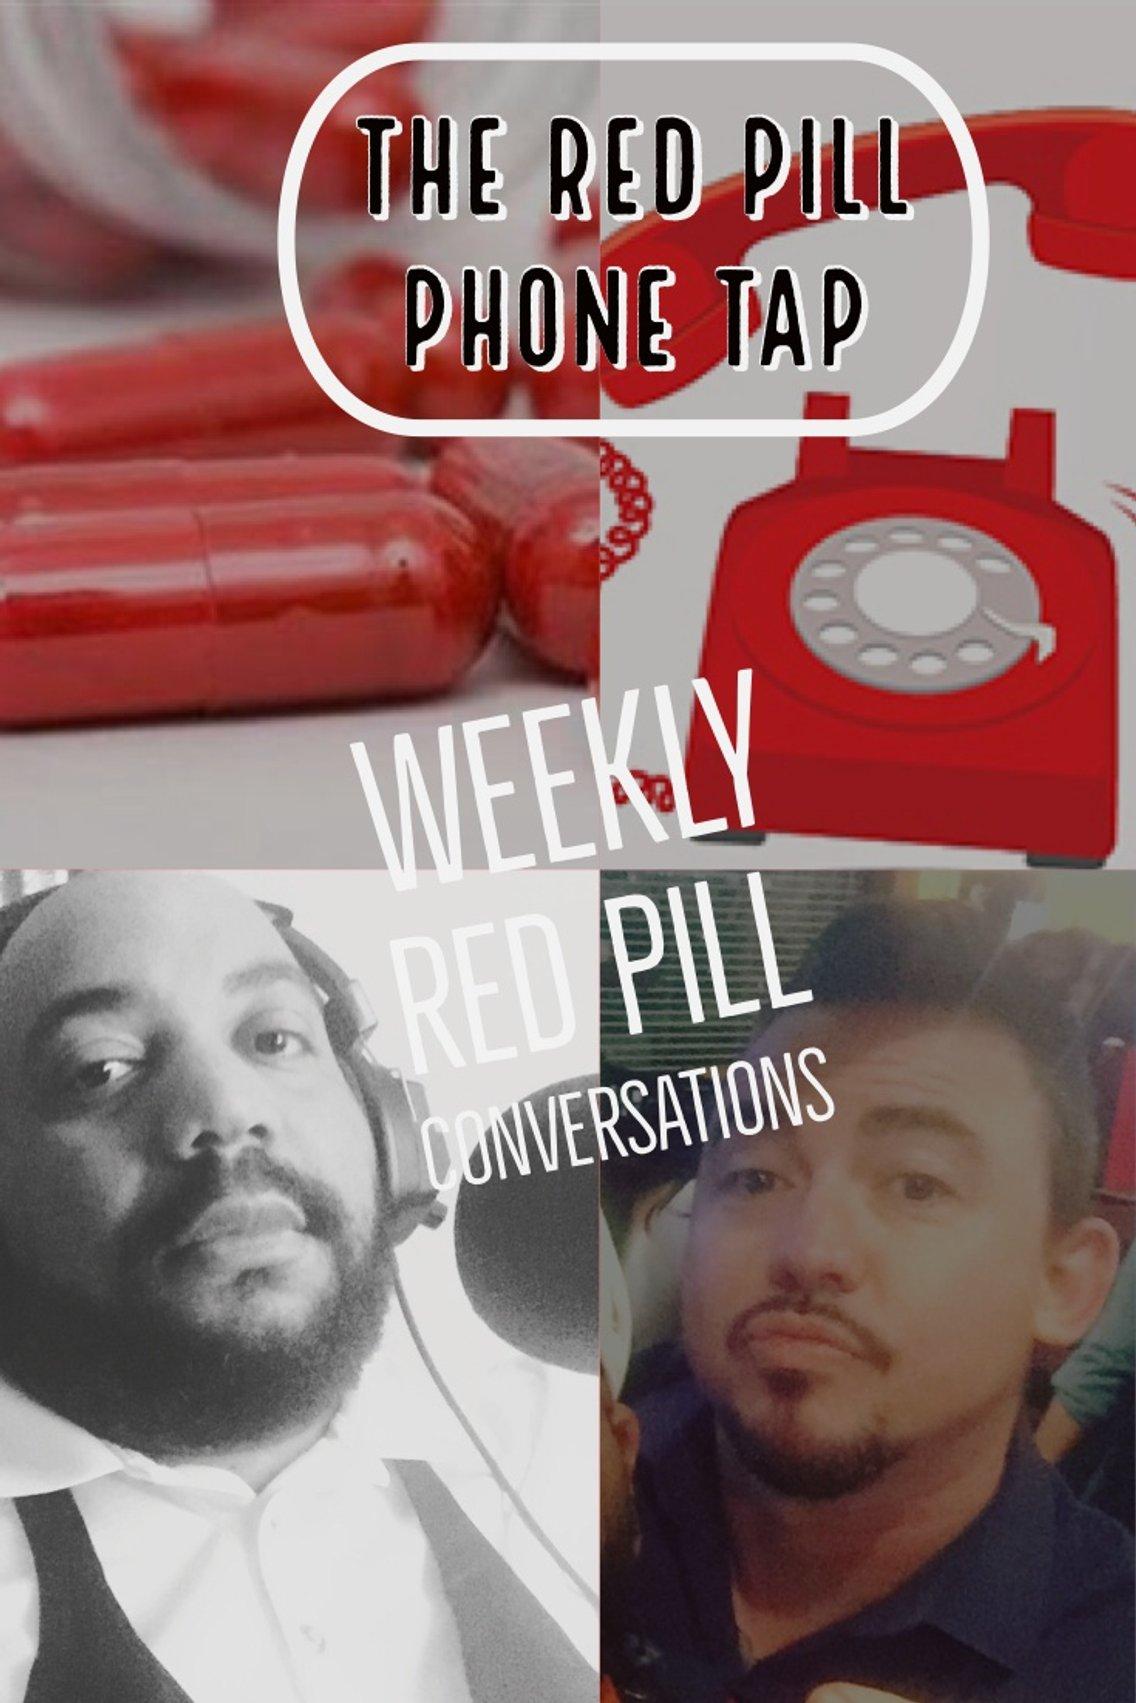 Red Pill Phone Tap - imagen de portada